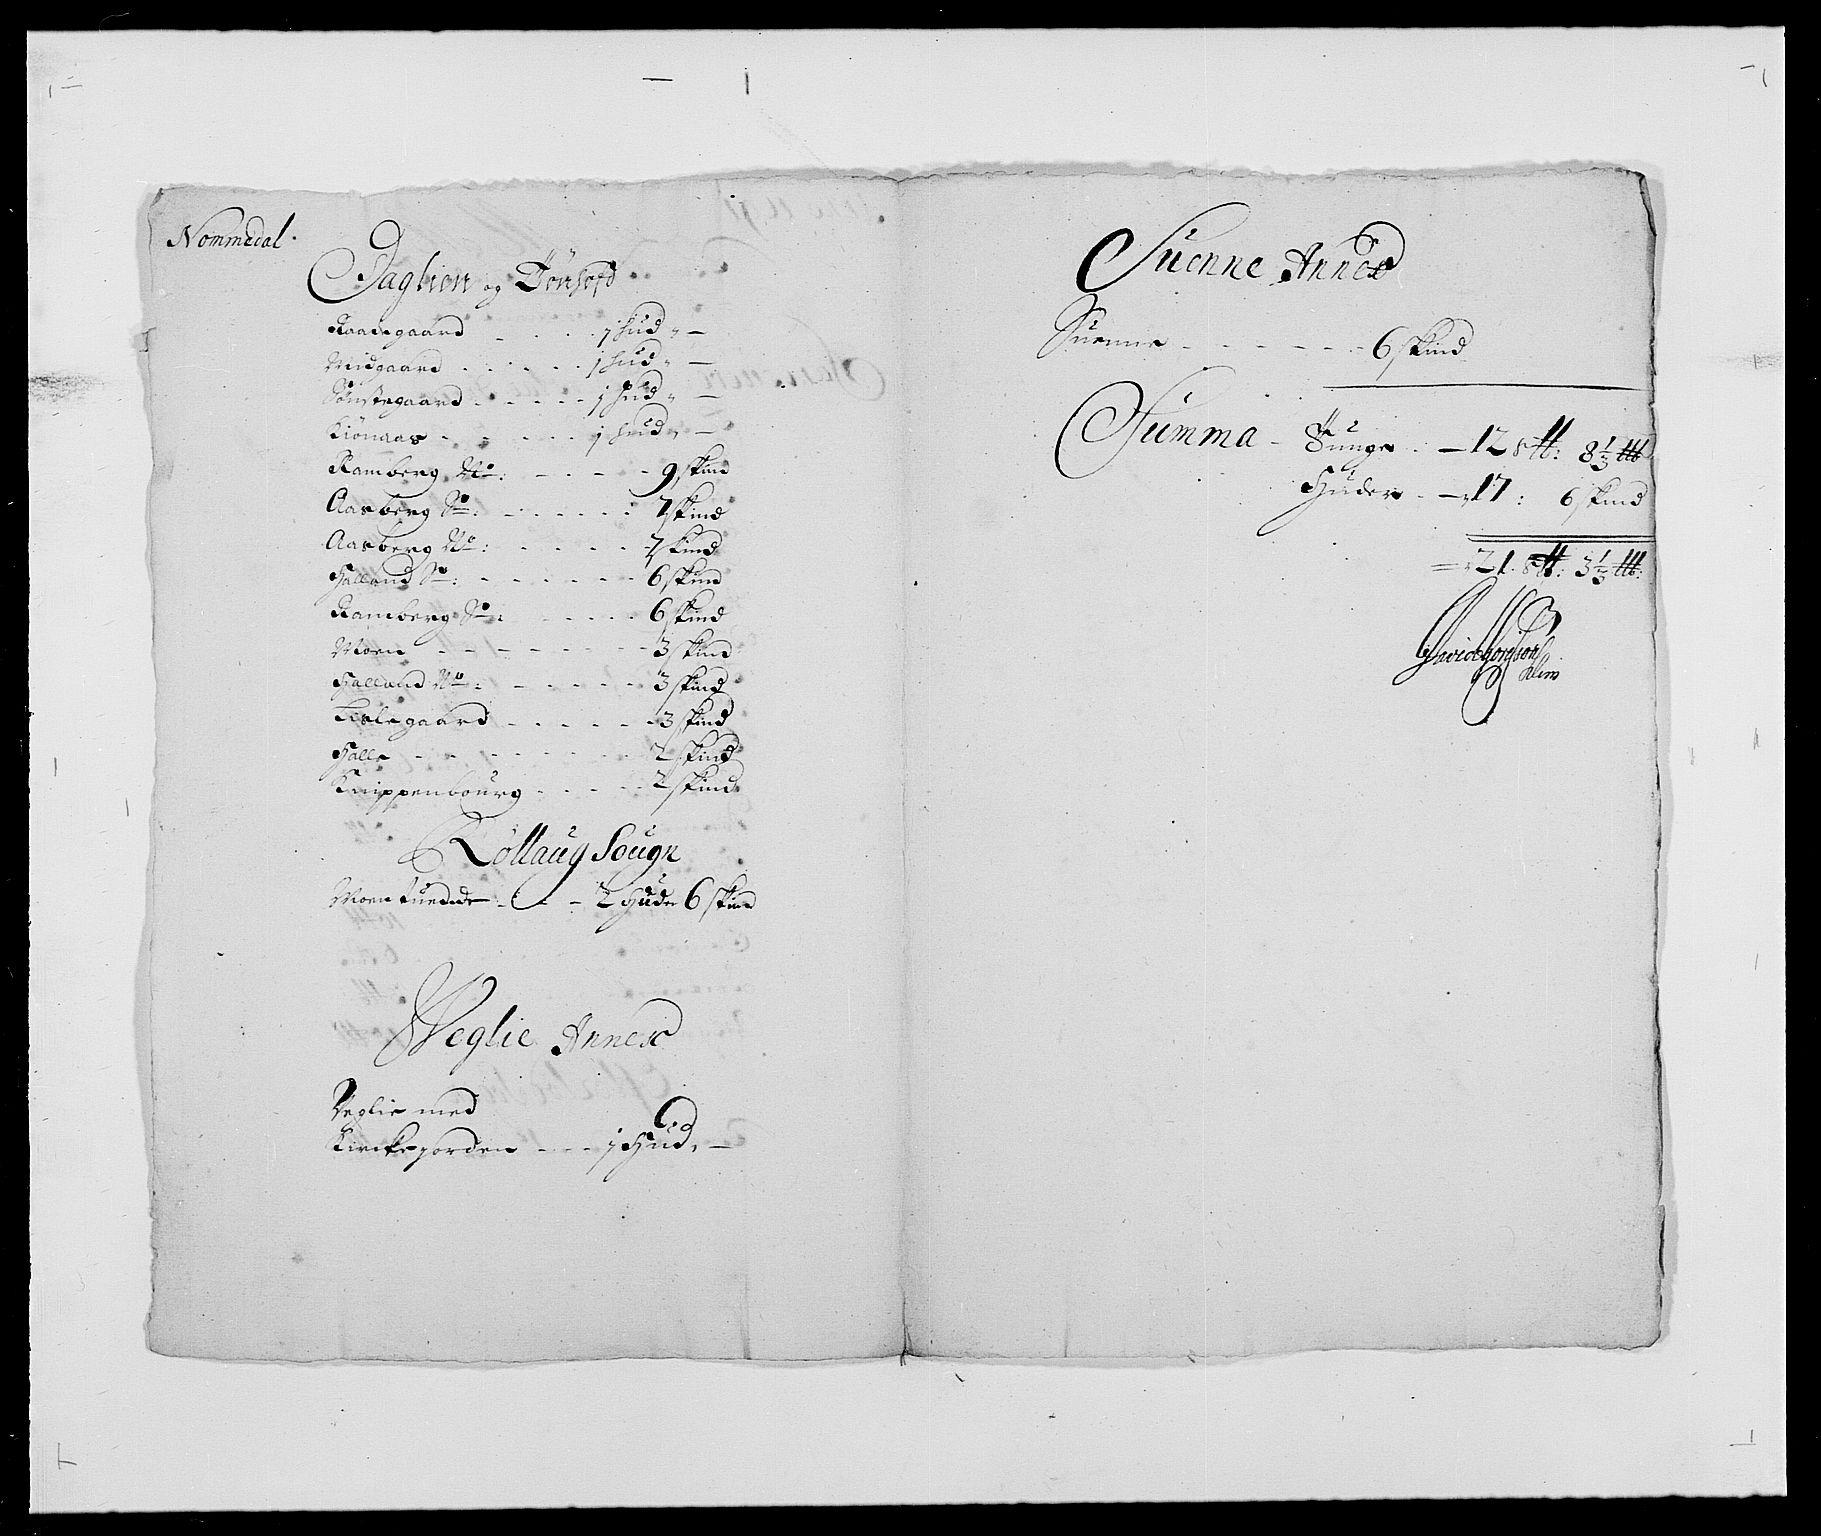 RA, Rentekammeret inntil 1814, Reviderte regnskaper, Fogderegnskap, R24/L1573: Fogderegnskap Numedal og Sandsvær, 1687-1691, s. 483